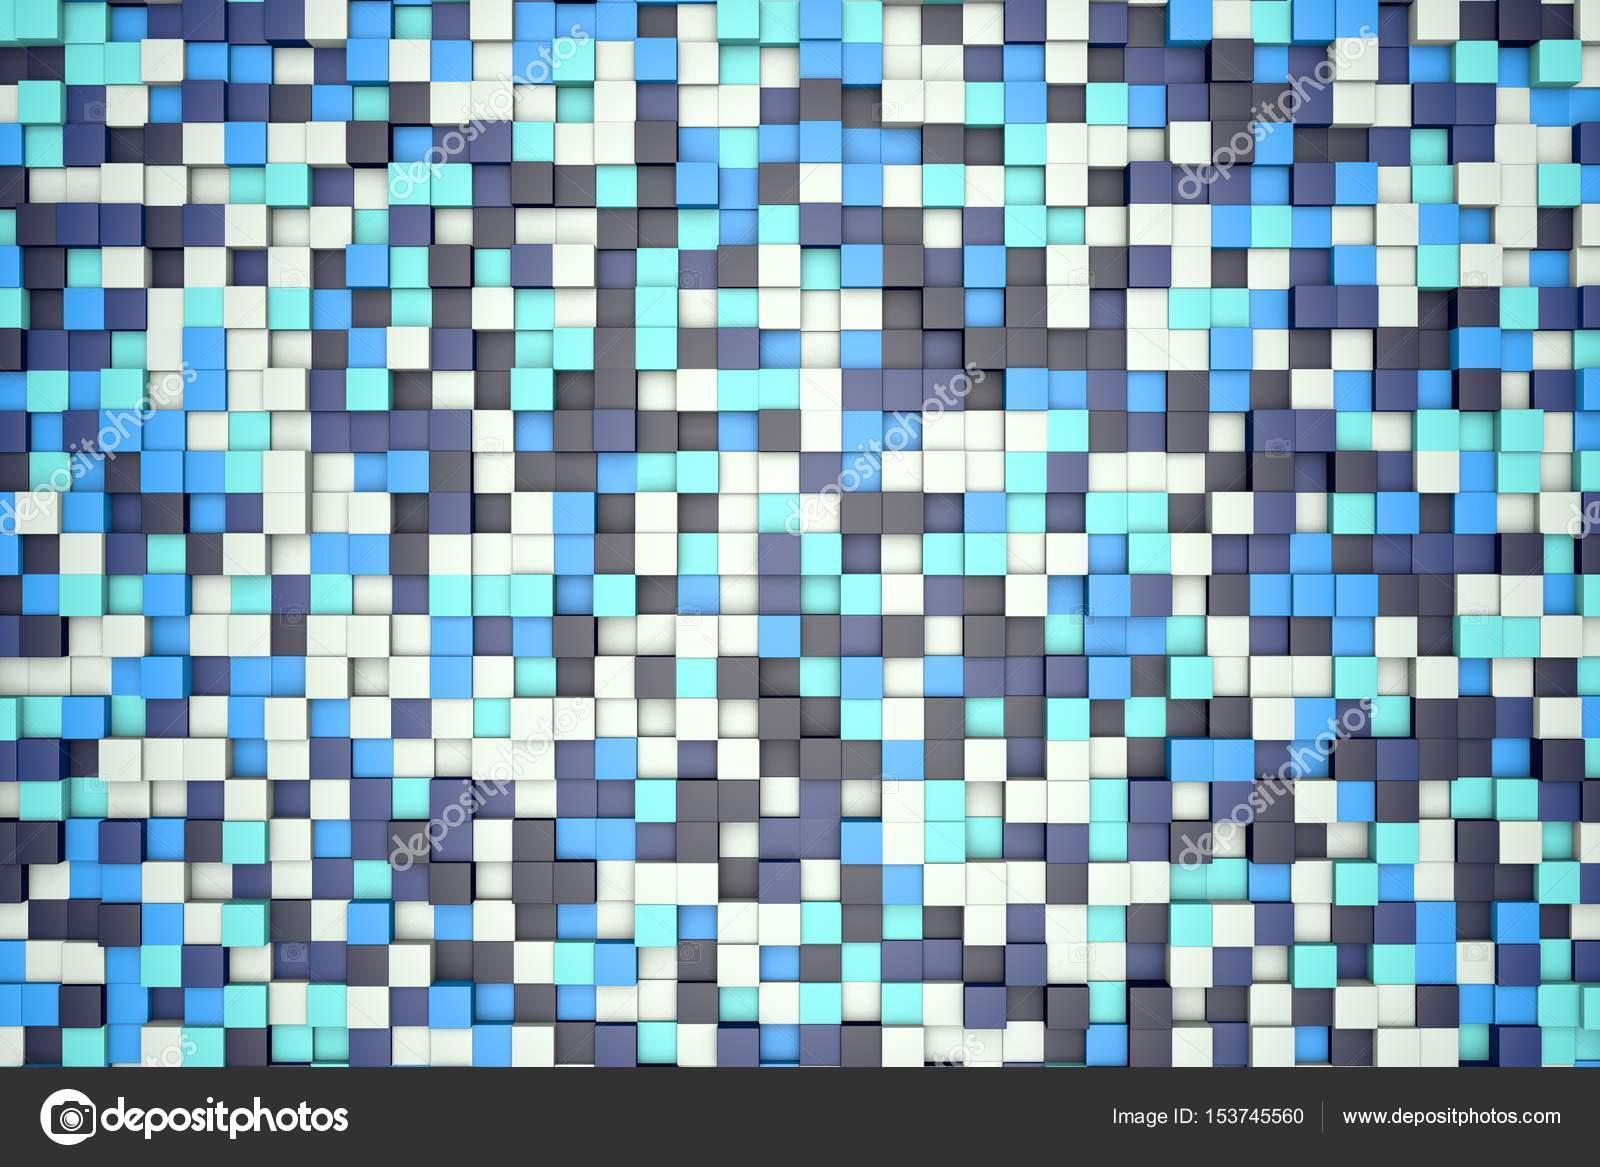 Ilustracin 3D antecedentes bloques blancos claros y oscuros